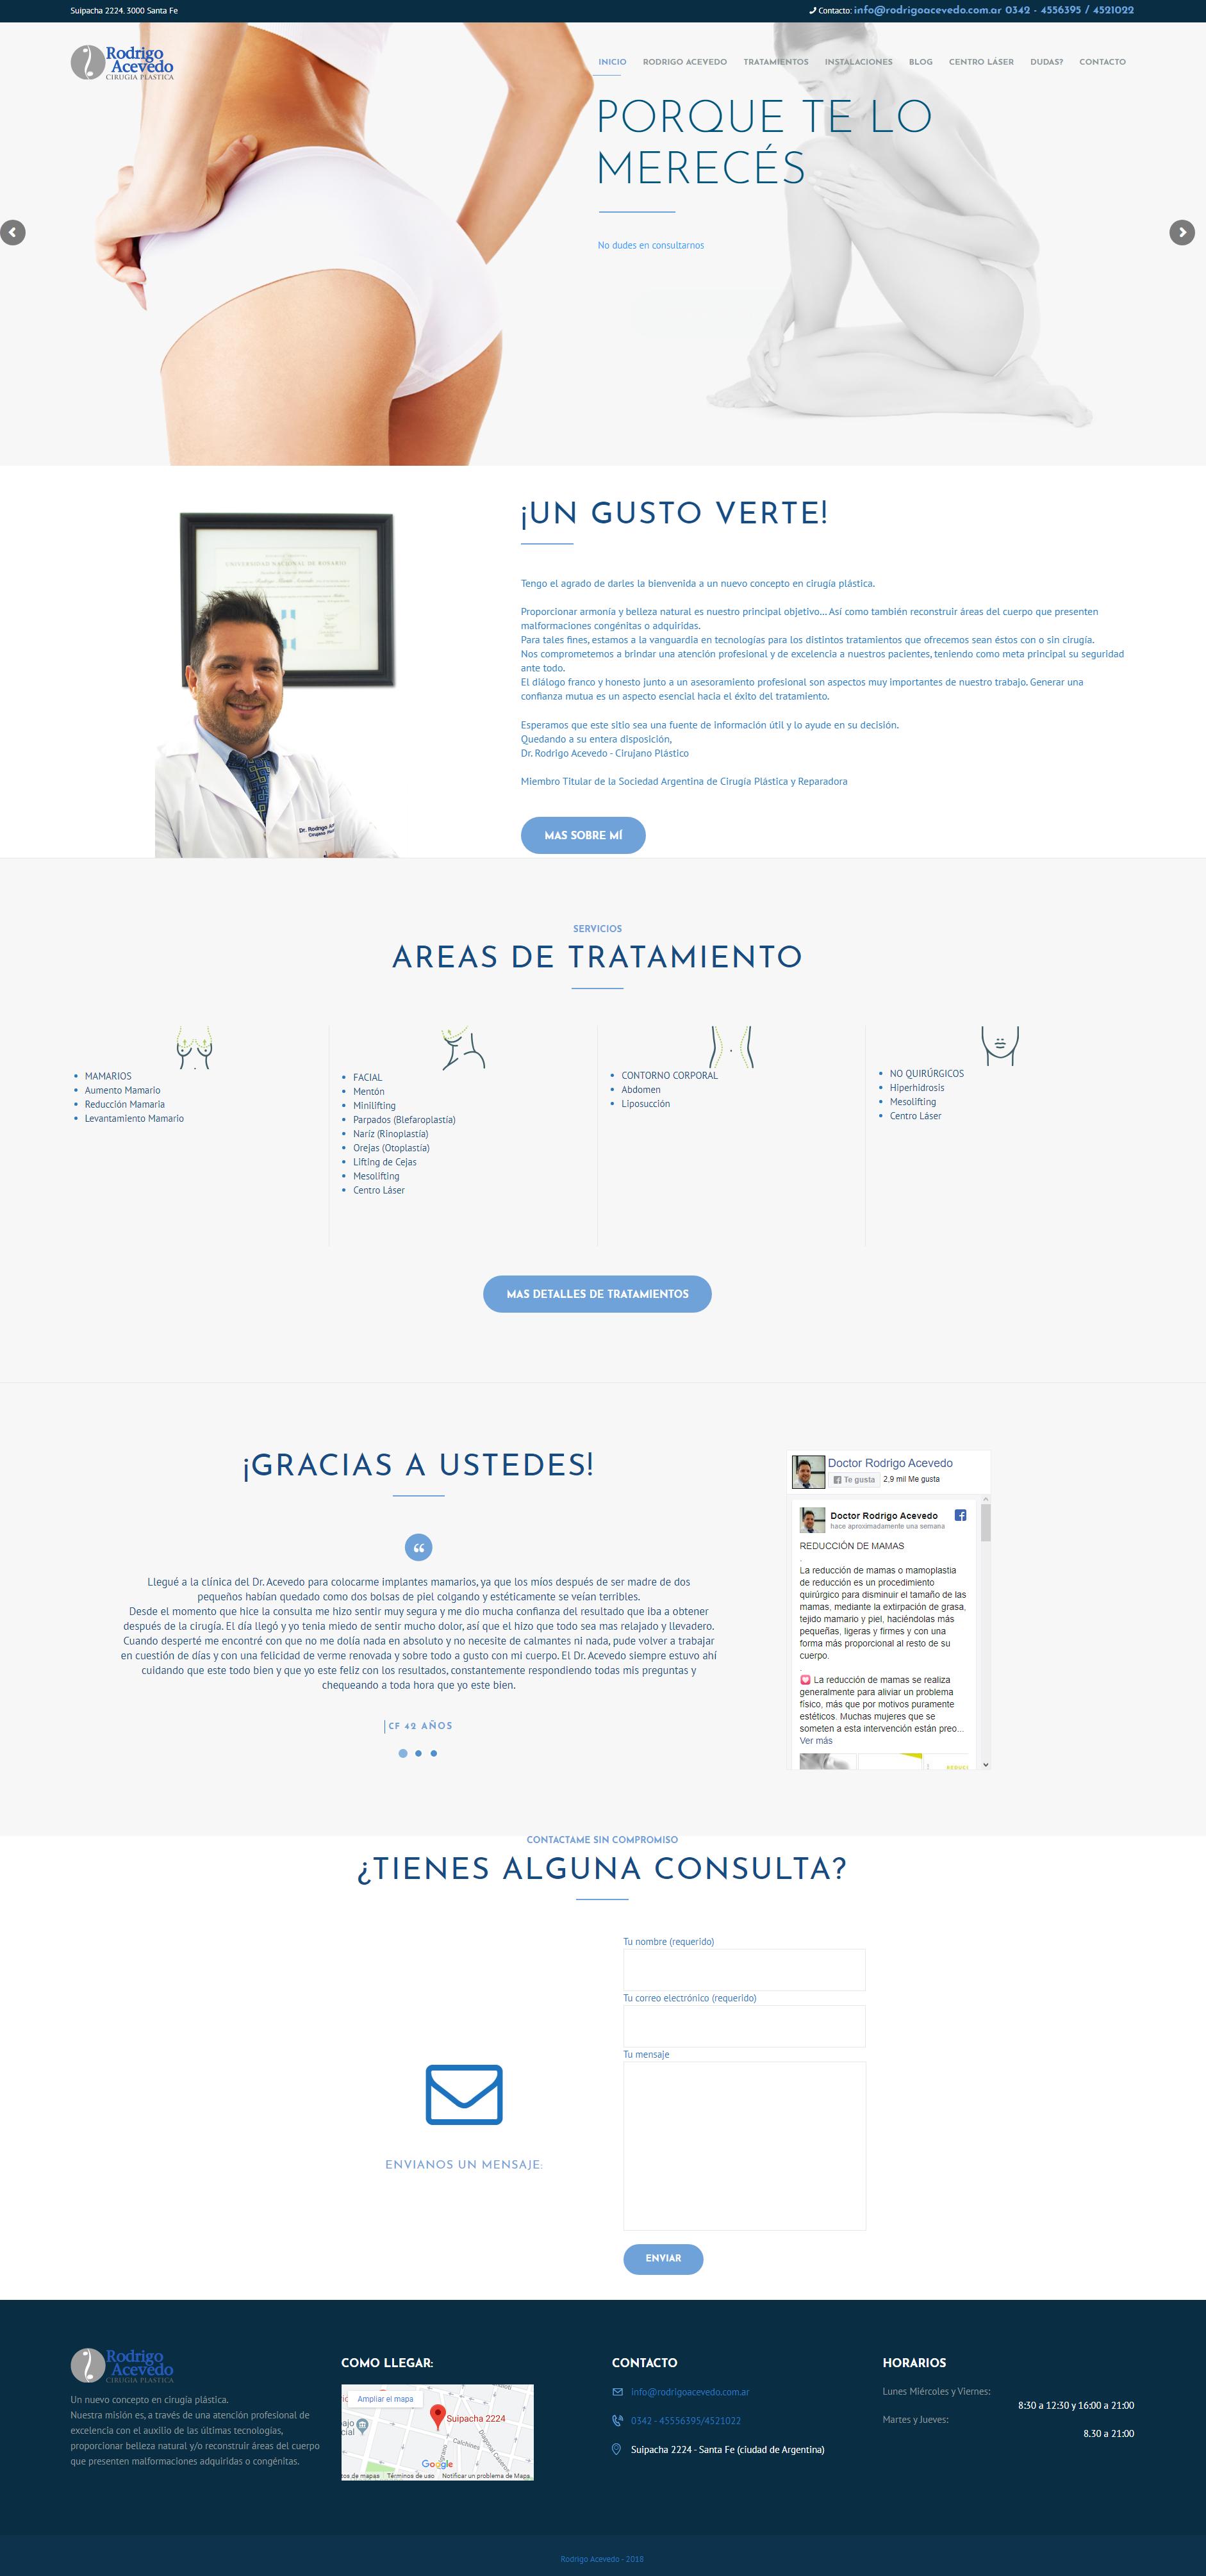 www.rodrigoacevedo.com.ar